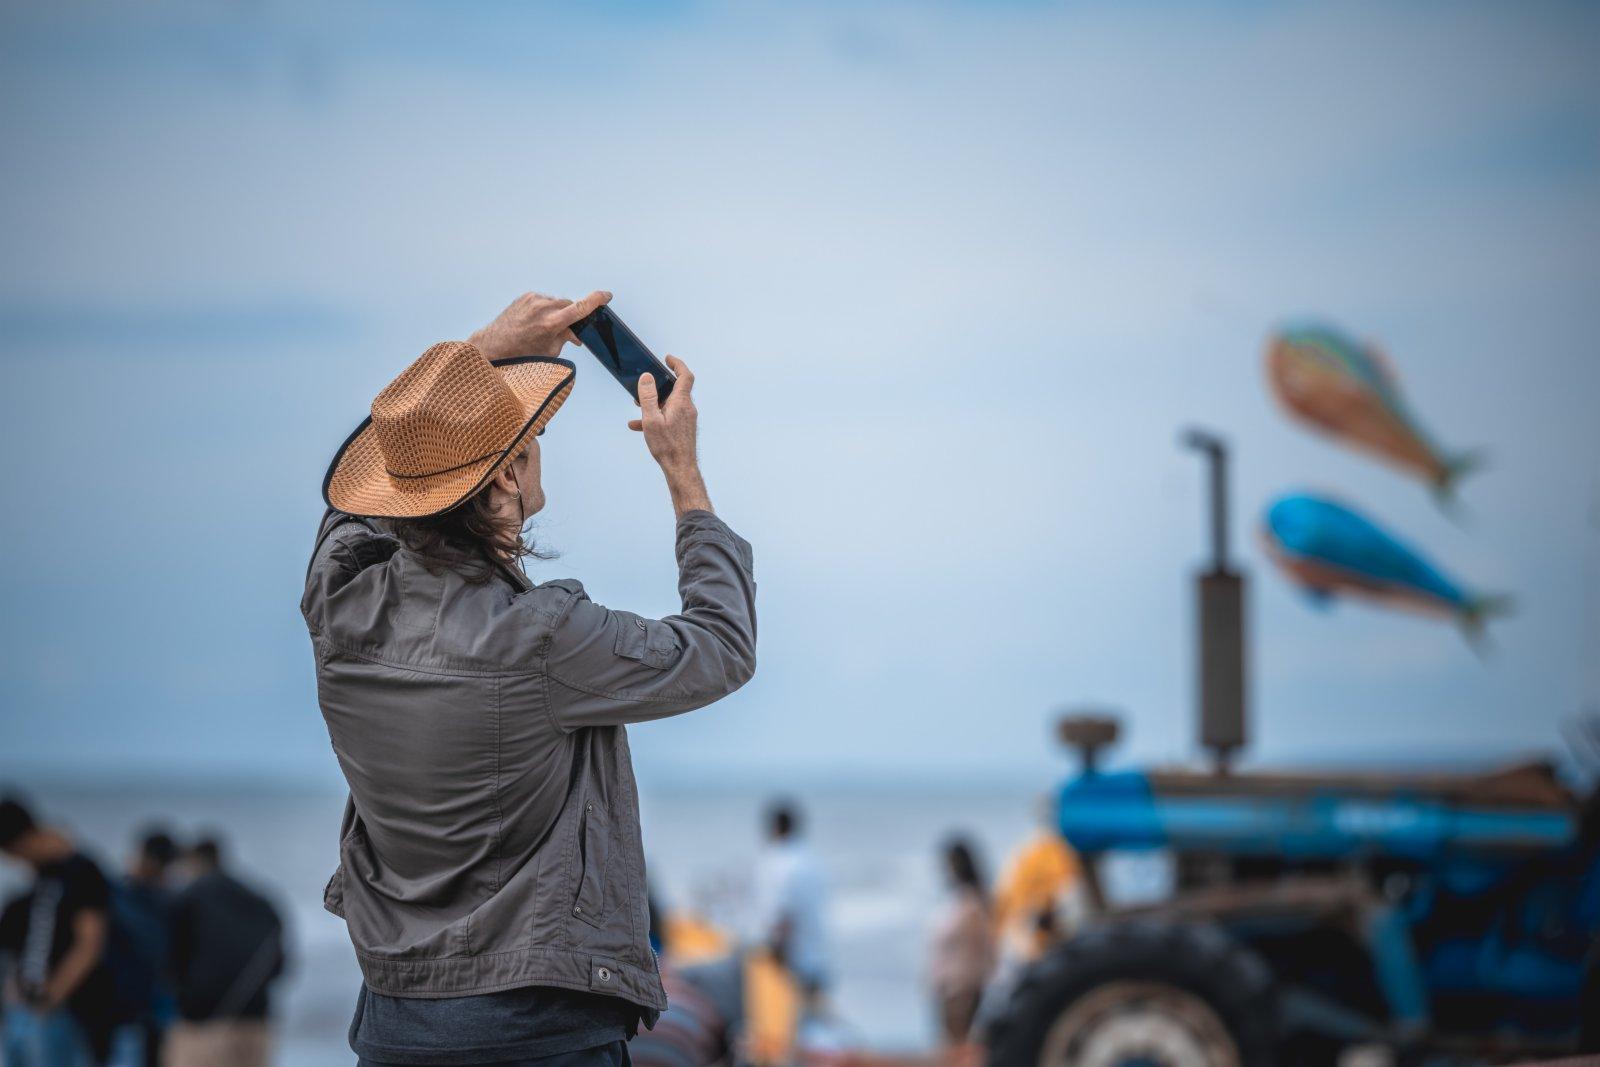 在新西蘭惠靈頓北部小鎮奧塔基的海灘上,一名觀眾在拍攝風箏。